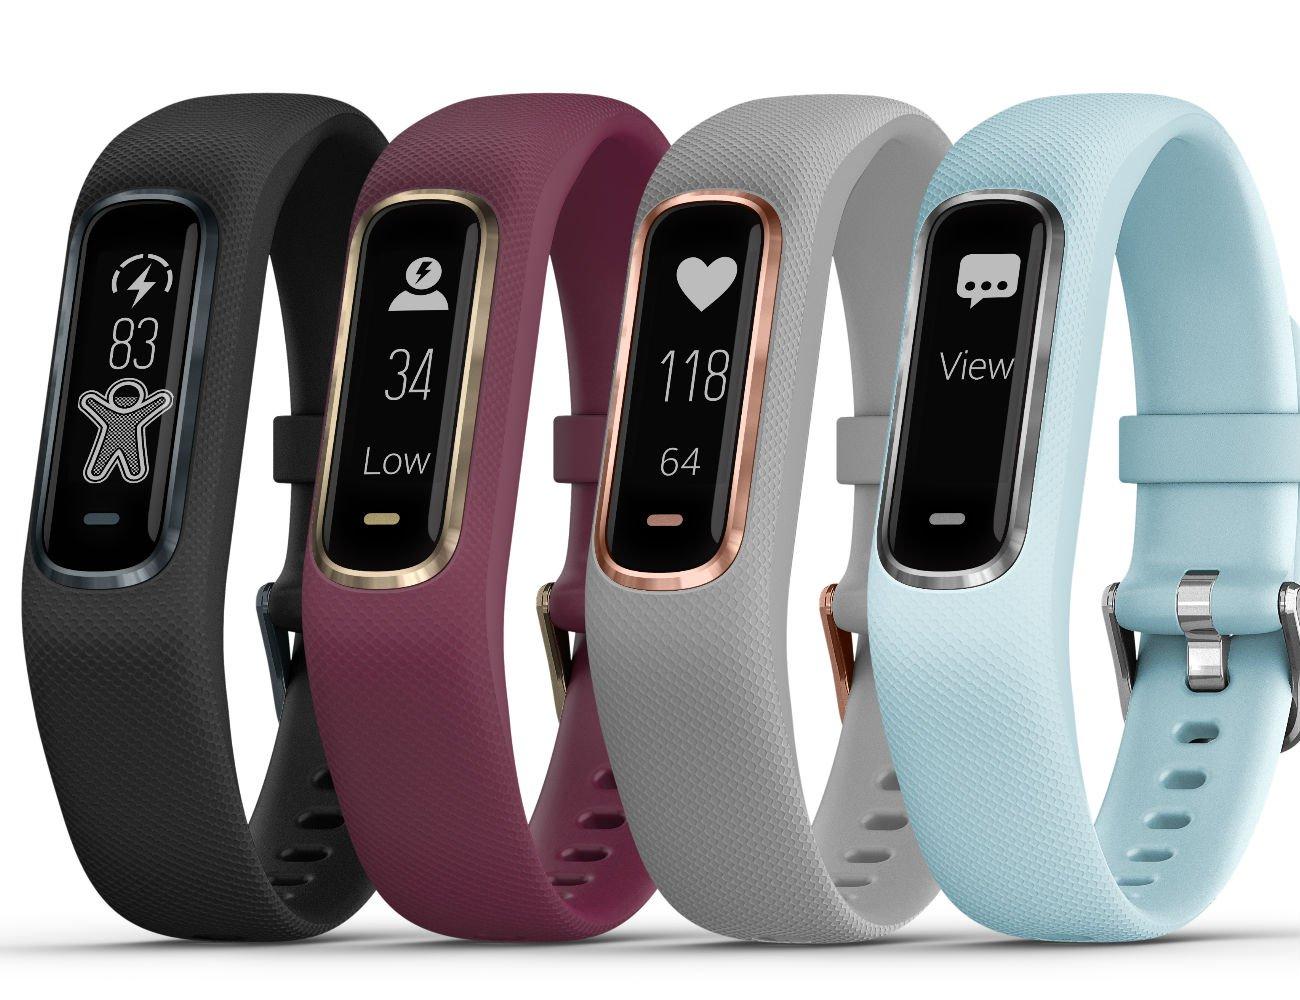 Garmin Vivosmart 4 ฟิตเนสแทรคเกอร์รุ่นใหม่ วัดดระดับออกซิเจนในเลือดได้